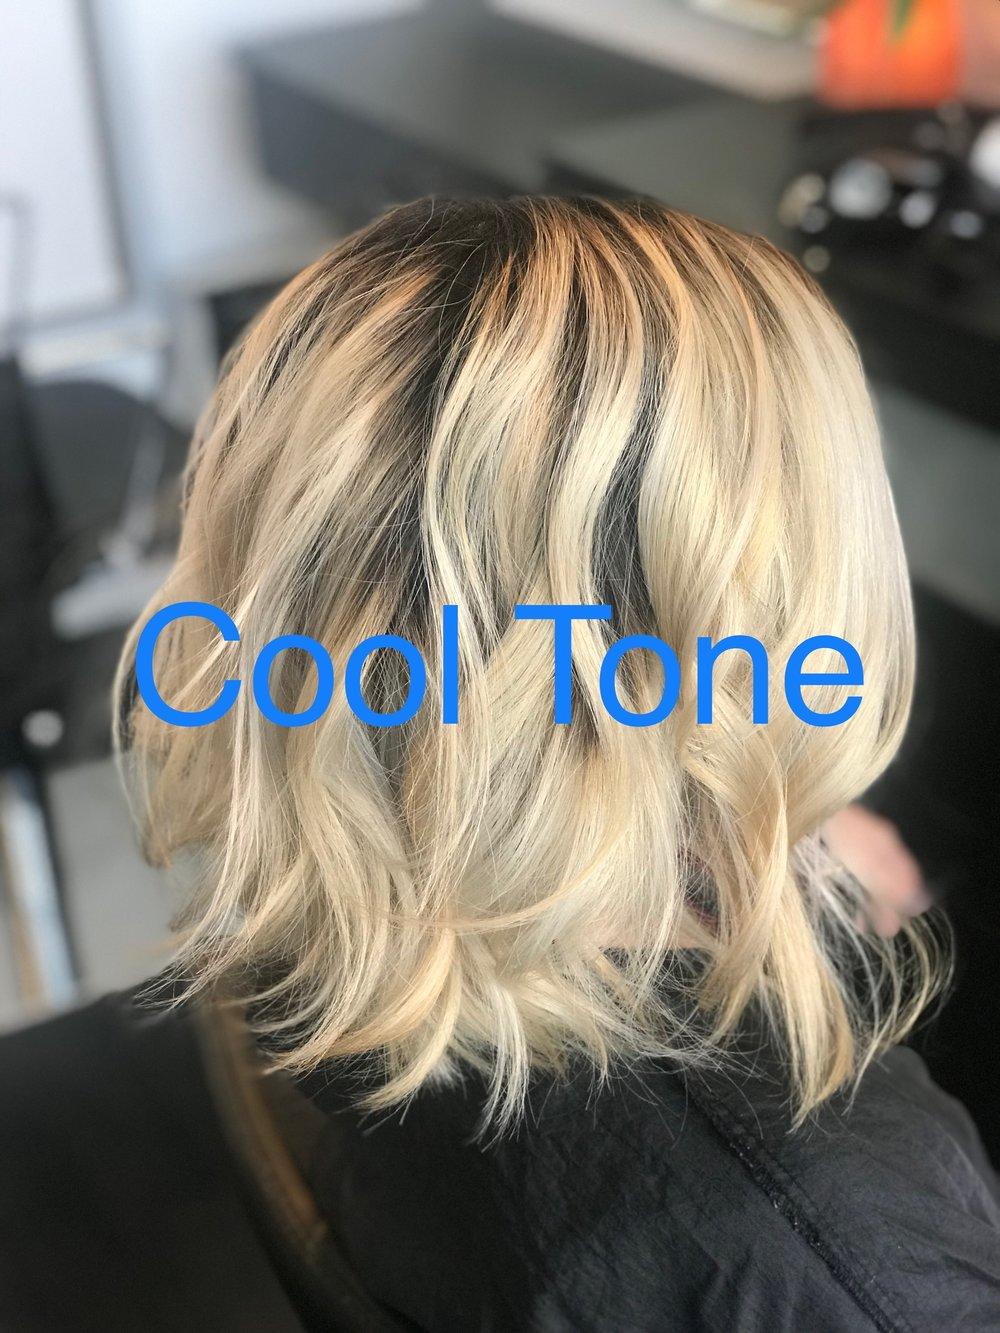 Cool tone hair 2